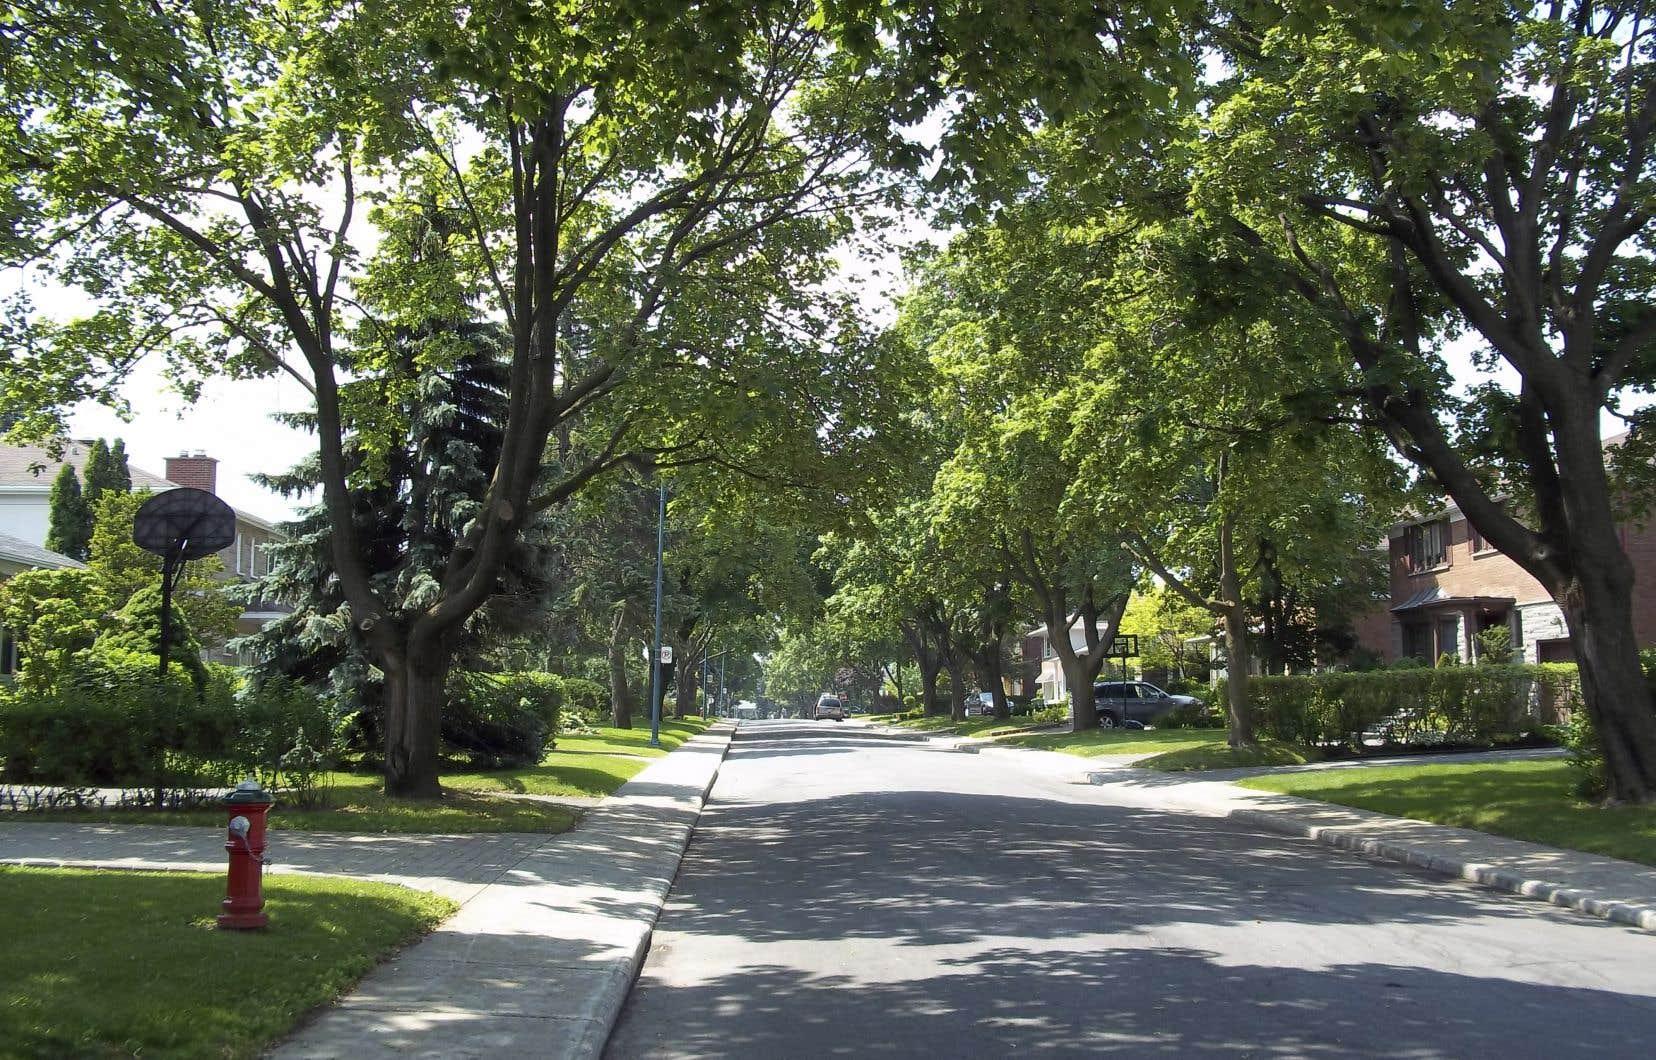 Les quartiers montréalais plus aisés, comme la ville de Mont-Royal (sur notre photo), ont généralement plus d'arbres que leurs voisins plus pauvres.